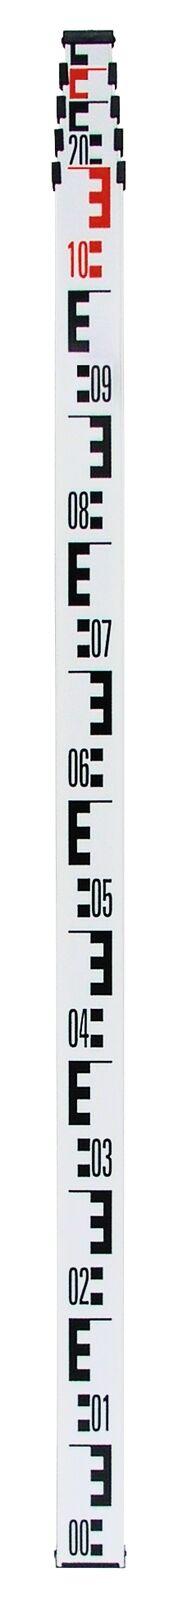 NEDO Ensemble de mise mise de à niveau F24 unité + 5M nivellement + aluminium-stativ f59205